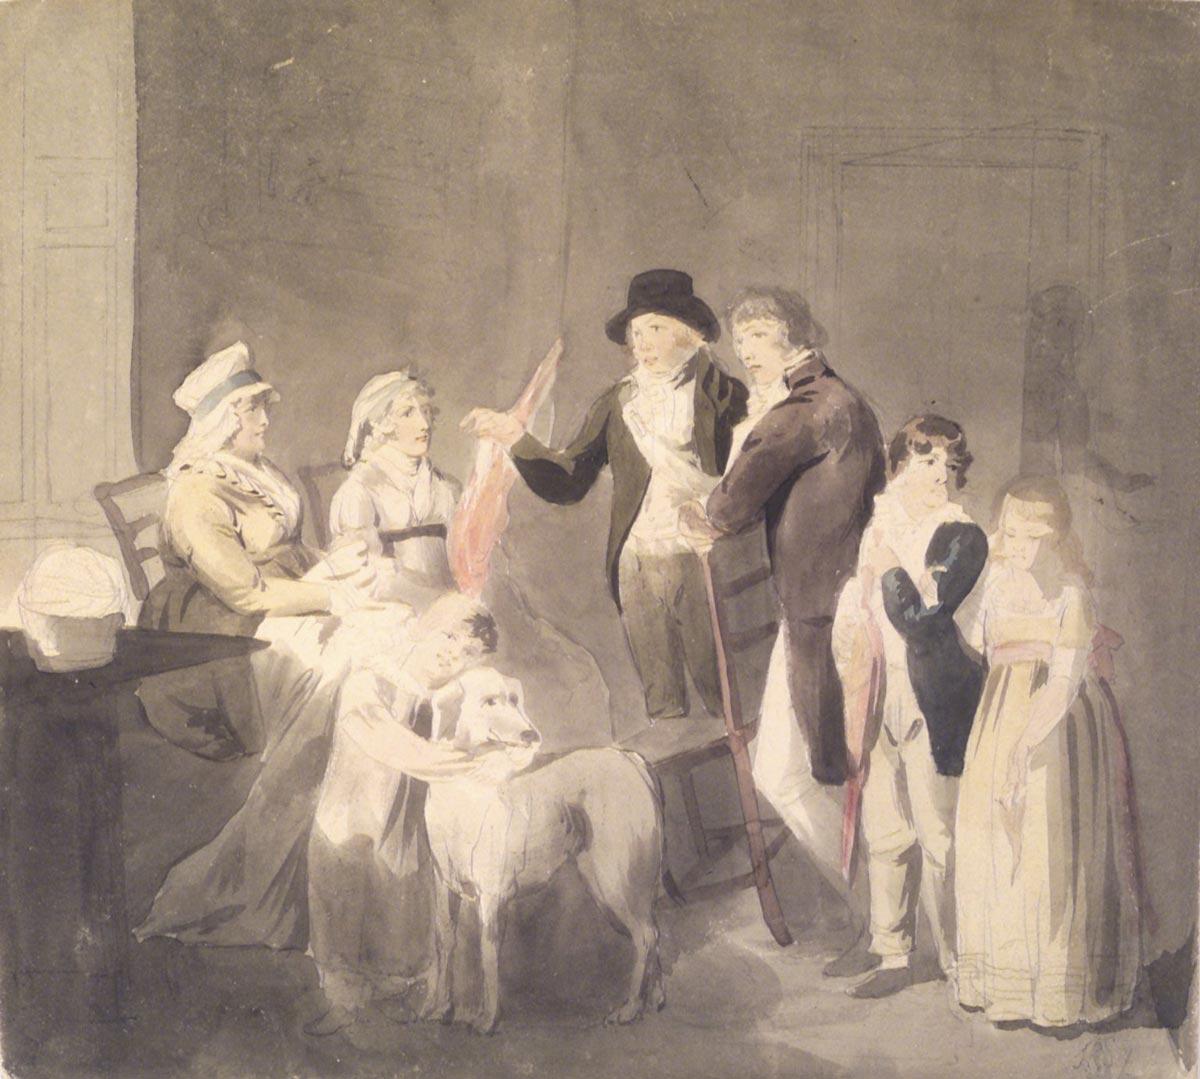 Smith, John Rubens